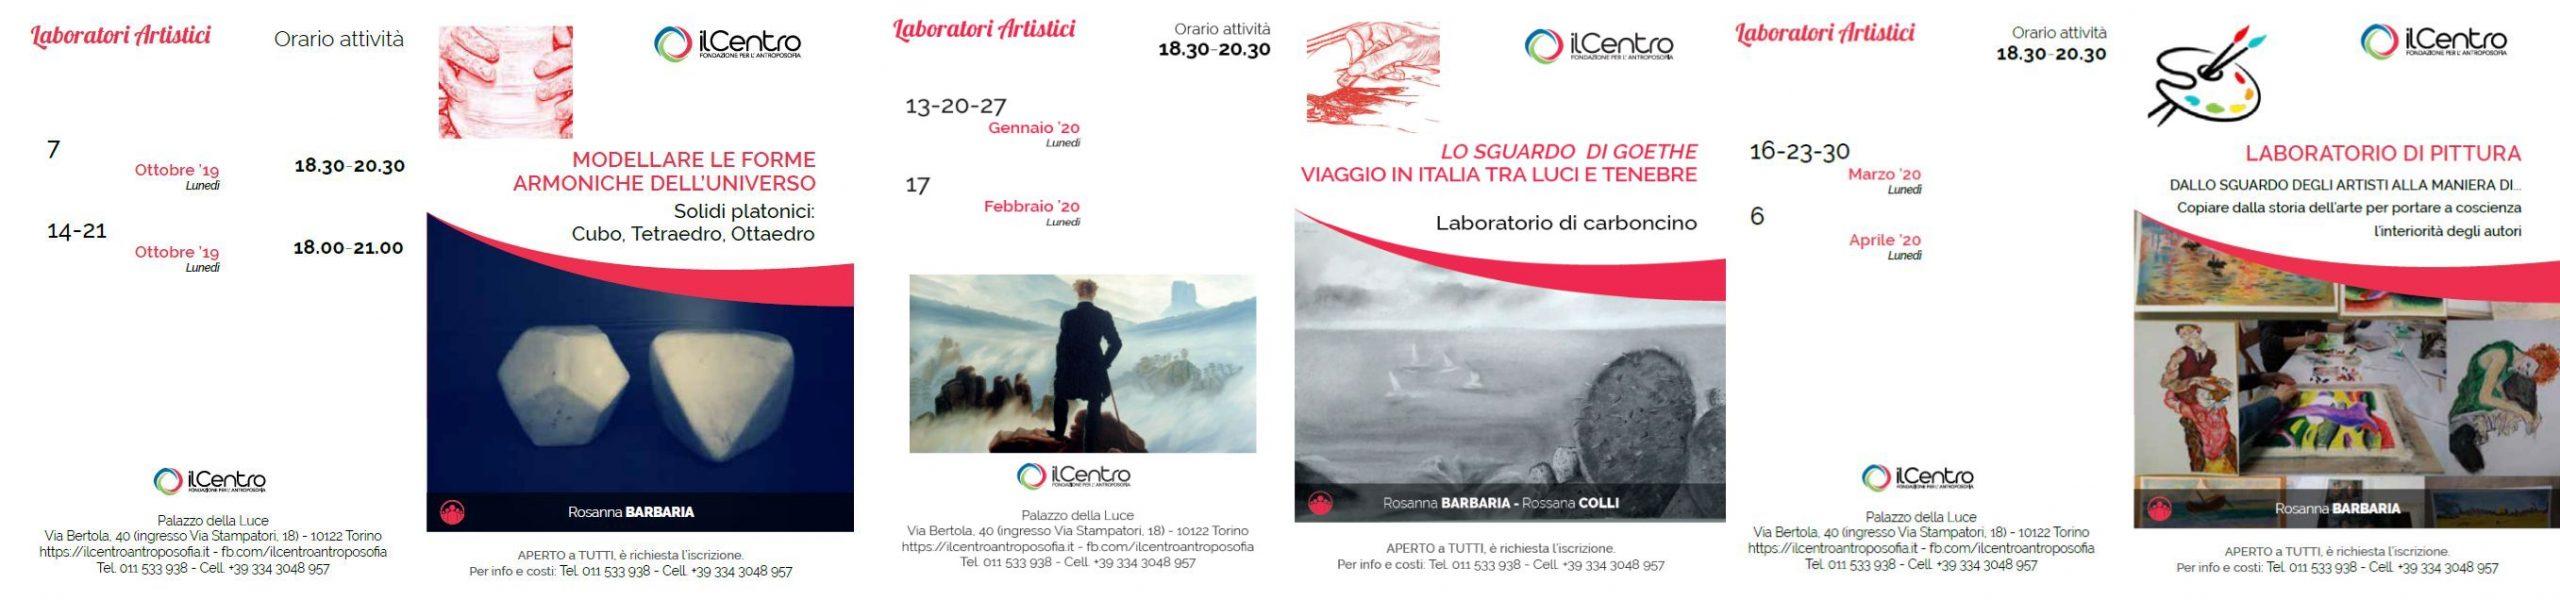 Calendario Rosanna Barbaria 2019-2020